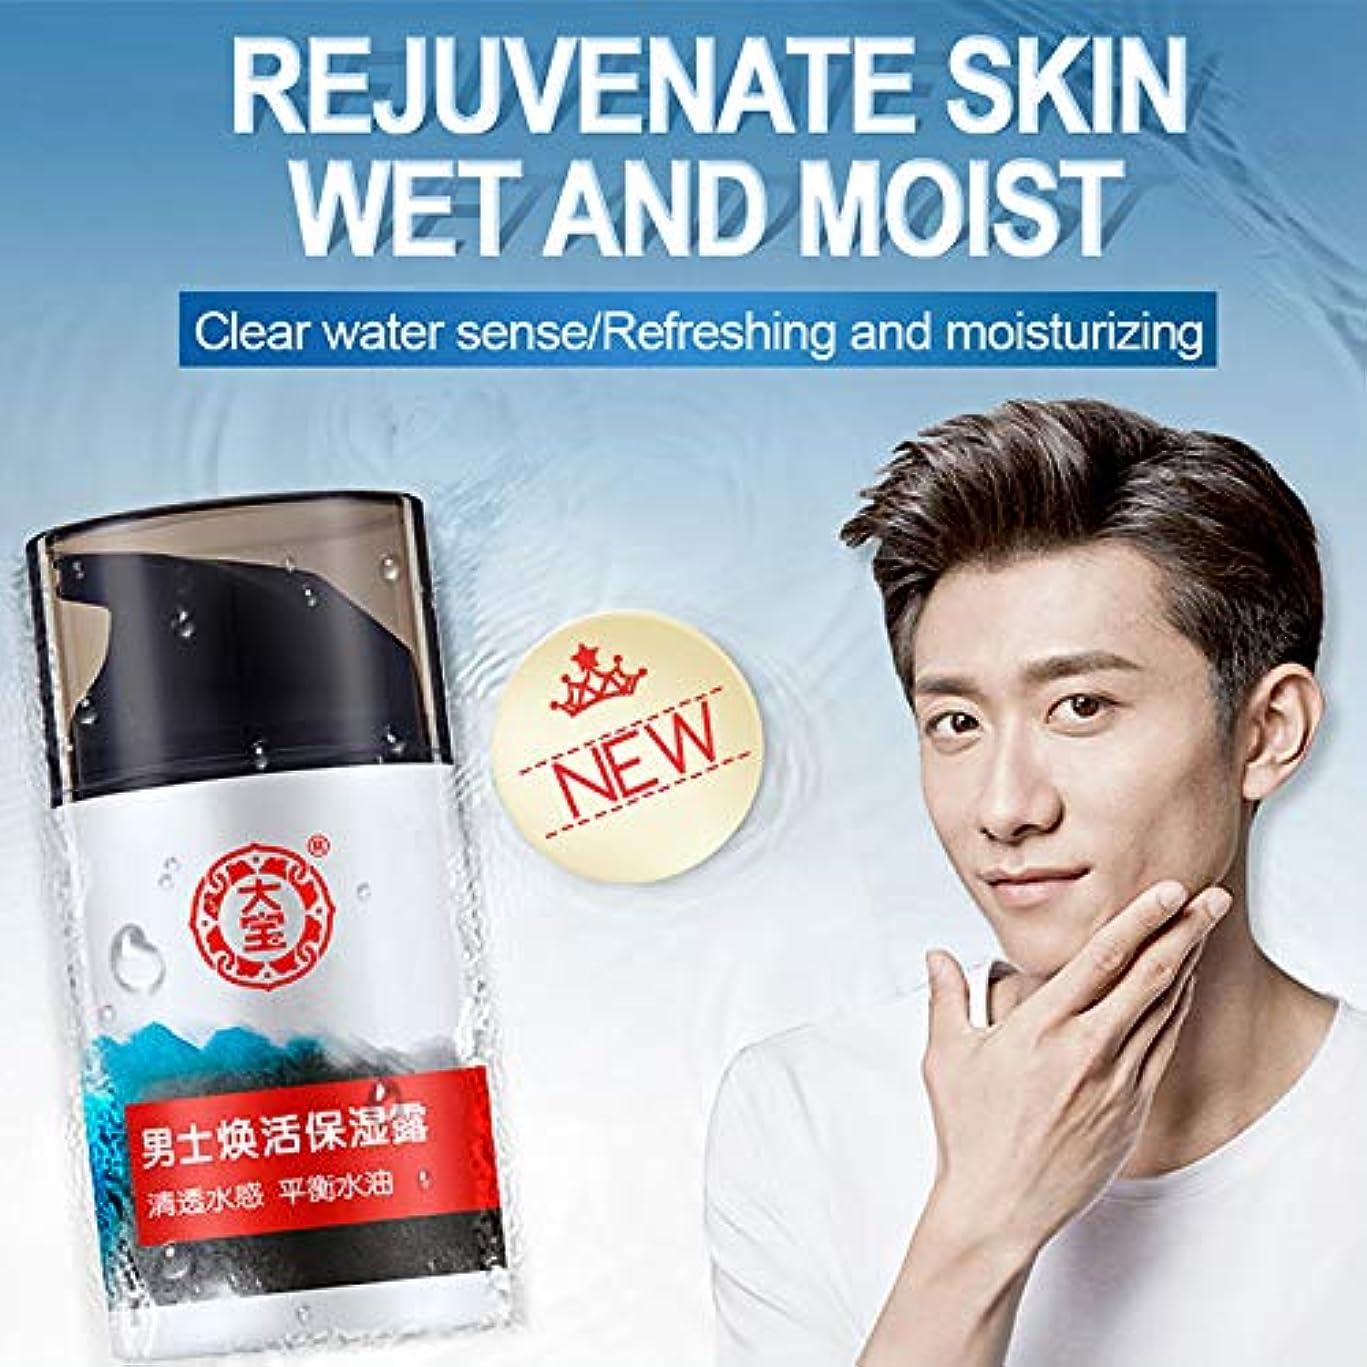 タイムリーな格納あなたは強力な効果的な顔の栄養クリームを修正大宝男性リバイタライジングモイスチャライジングローション保湿ダメージ